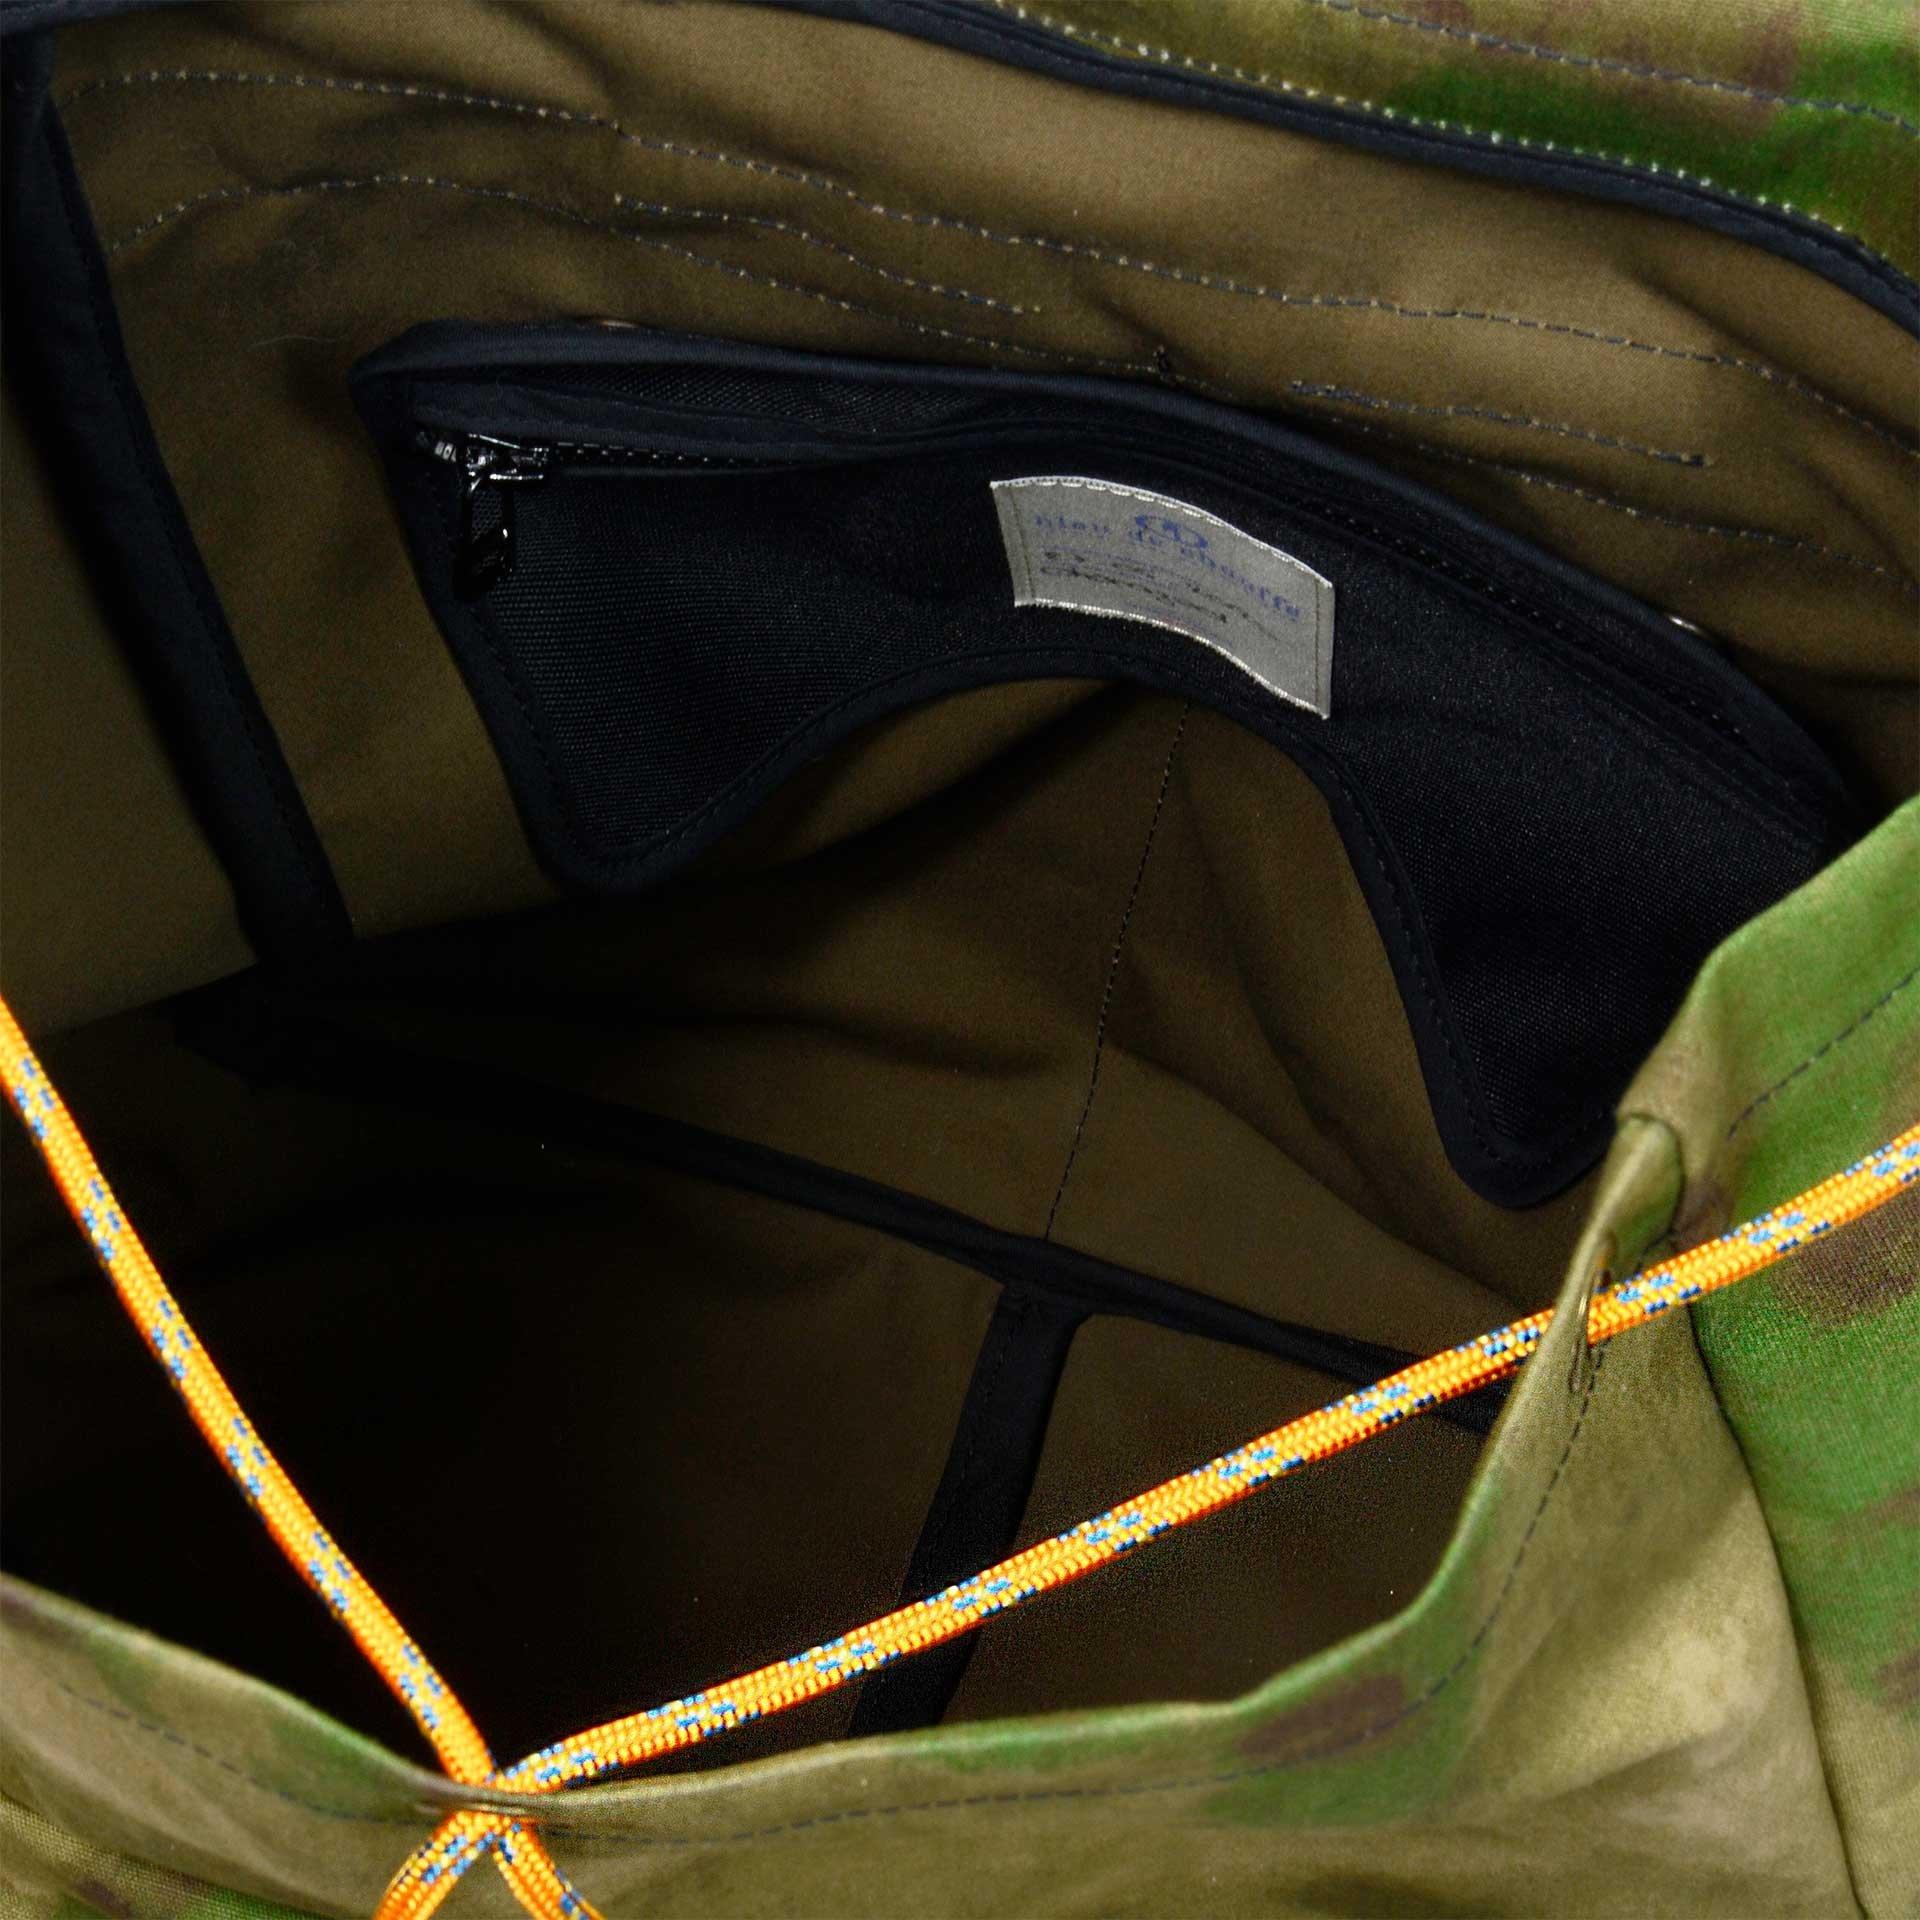 23L Bayou Backpack - Camo (image n°4)